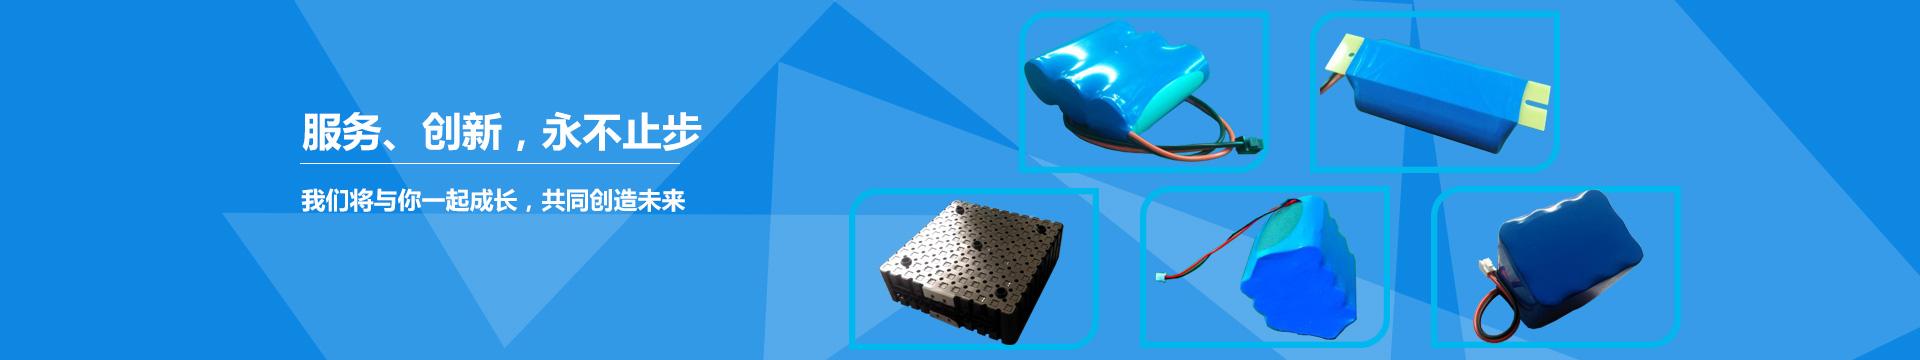 锂电池的用途